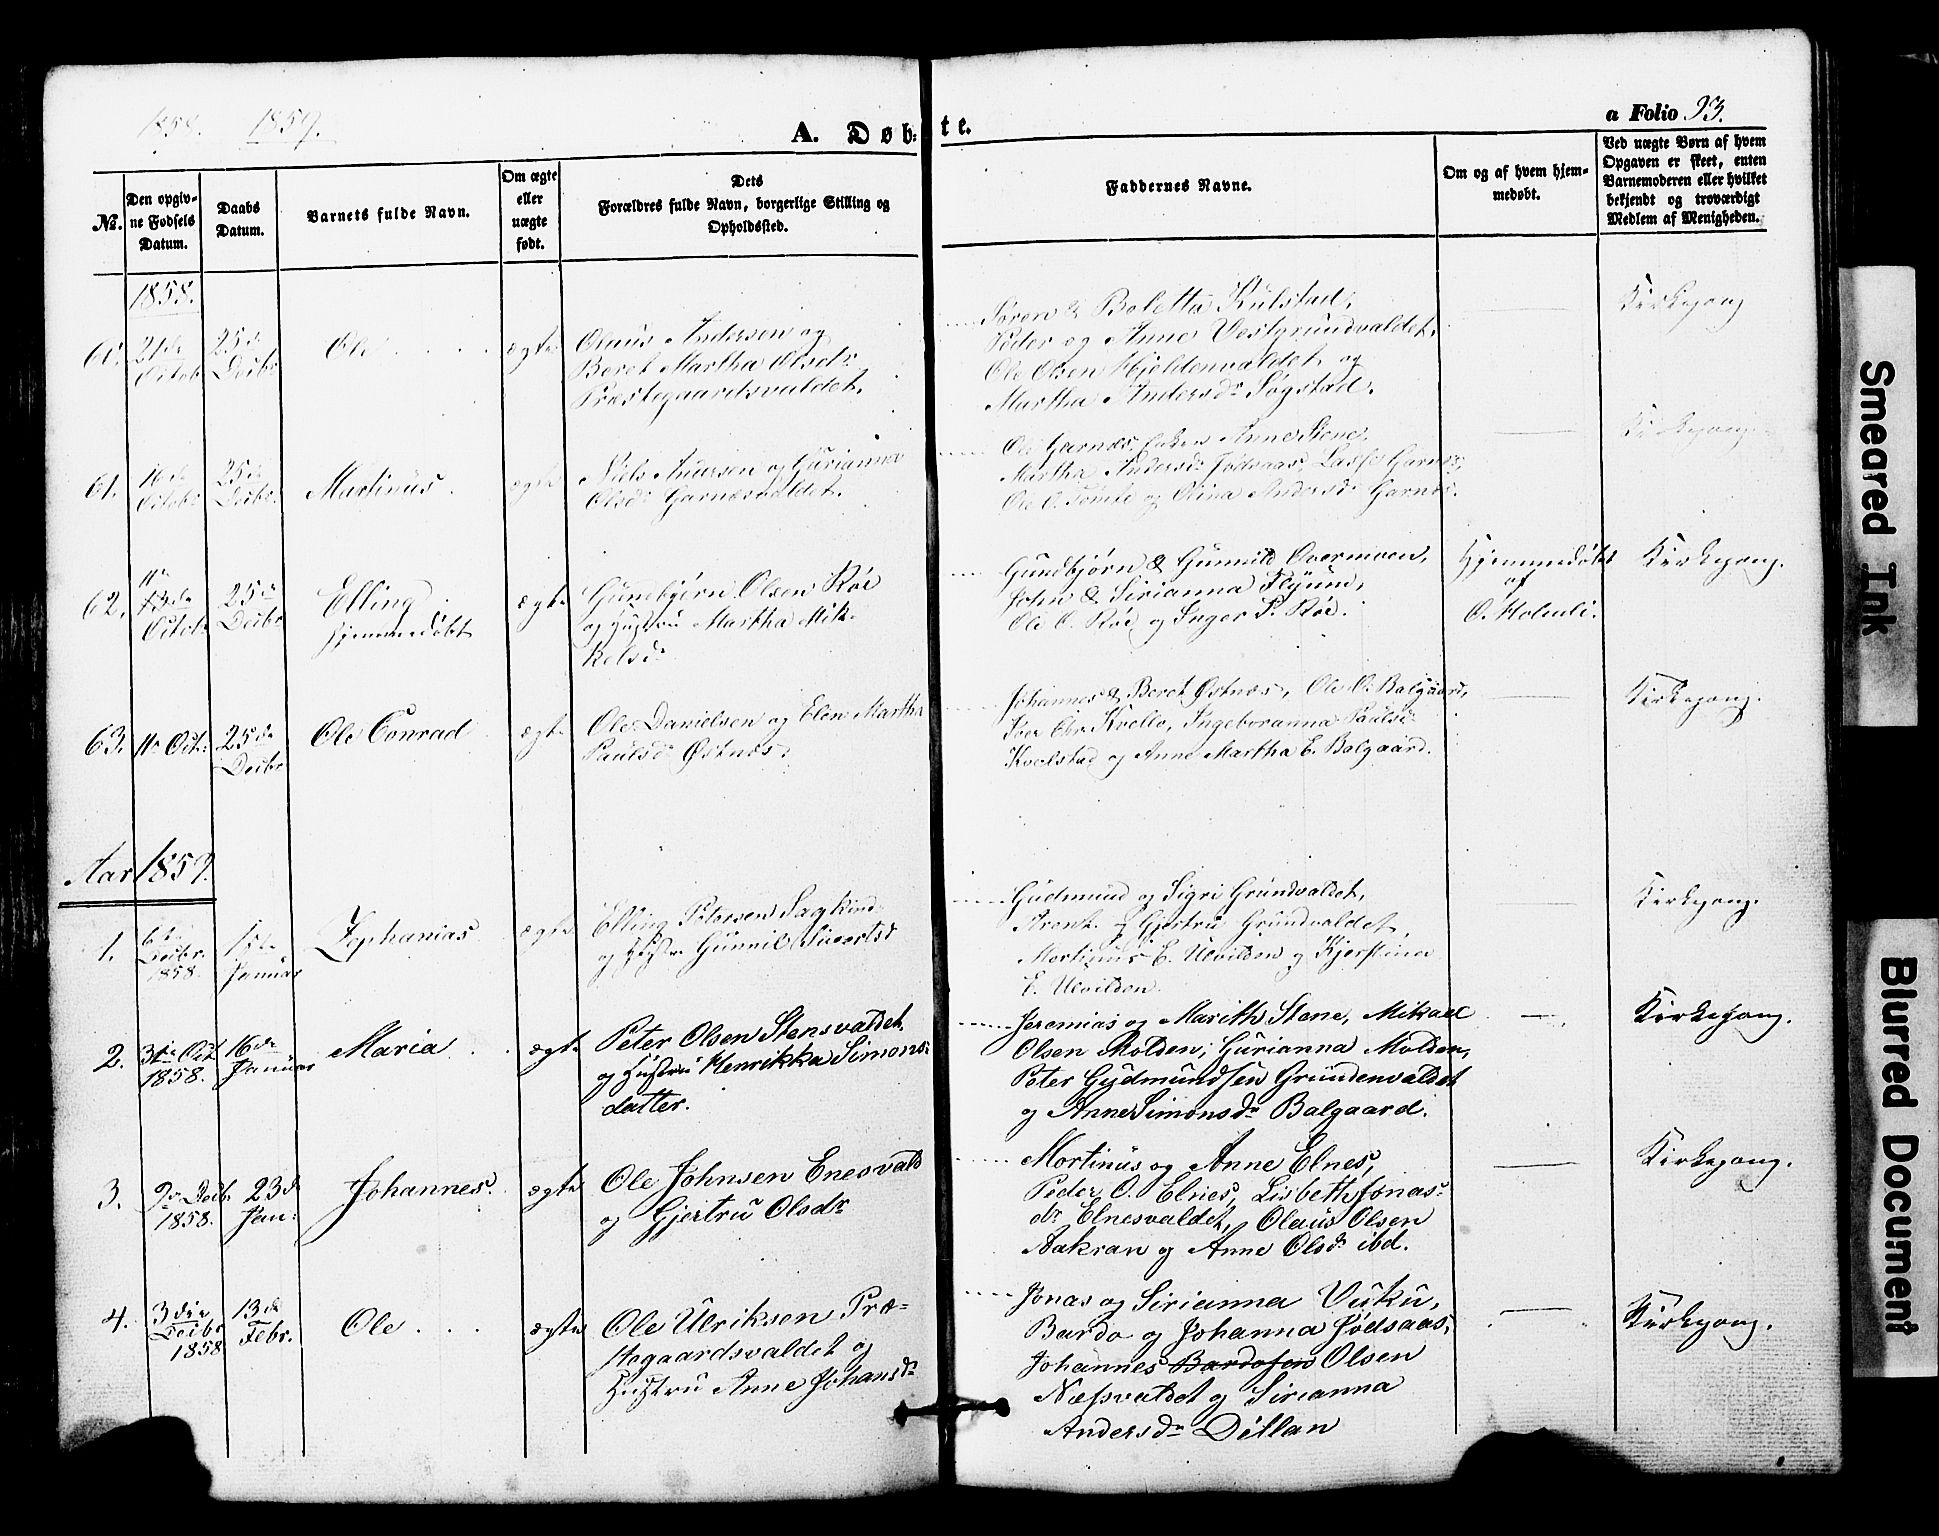 SAT, Ministerialprotokoller, klokkerbøker og fødselsregistre - Nord-Trøndelag, 724/L0268: Klokkerbok nr. 724C04, 1846-1878, s. 93